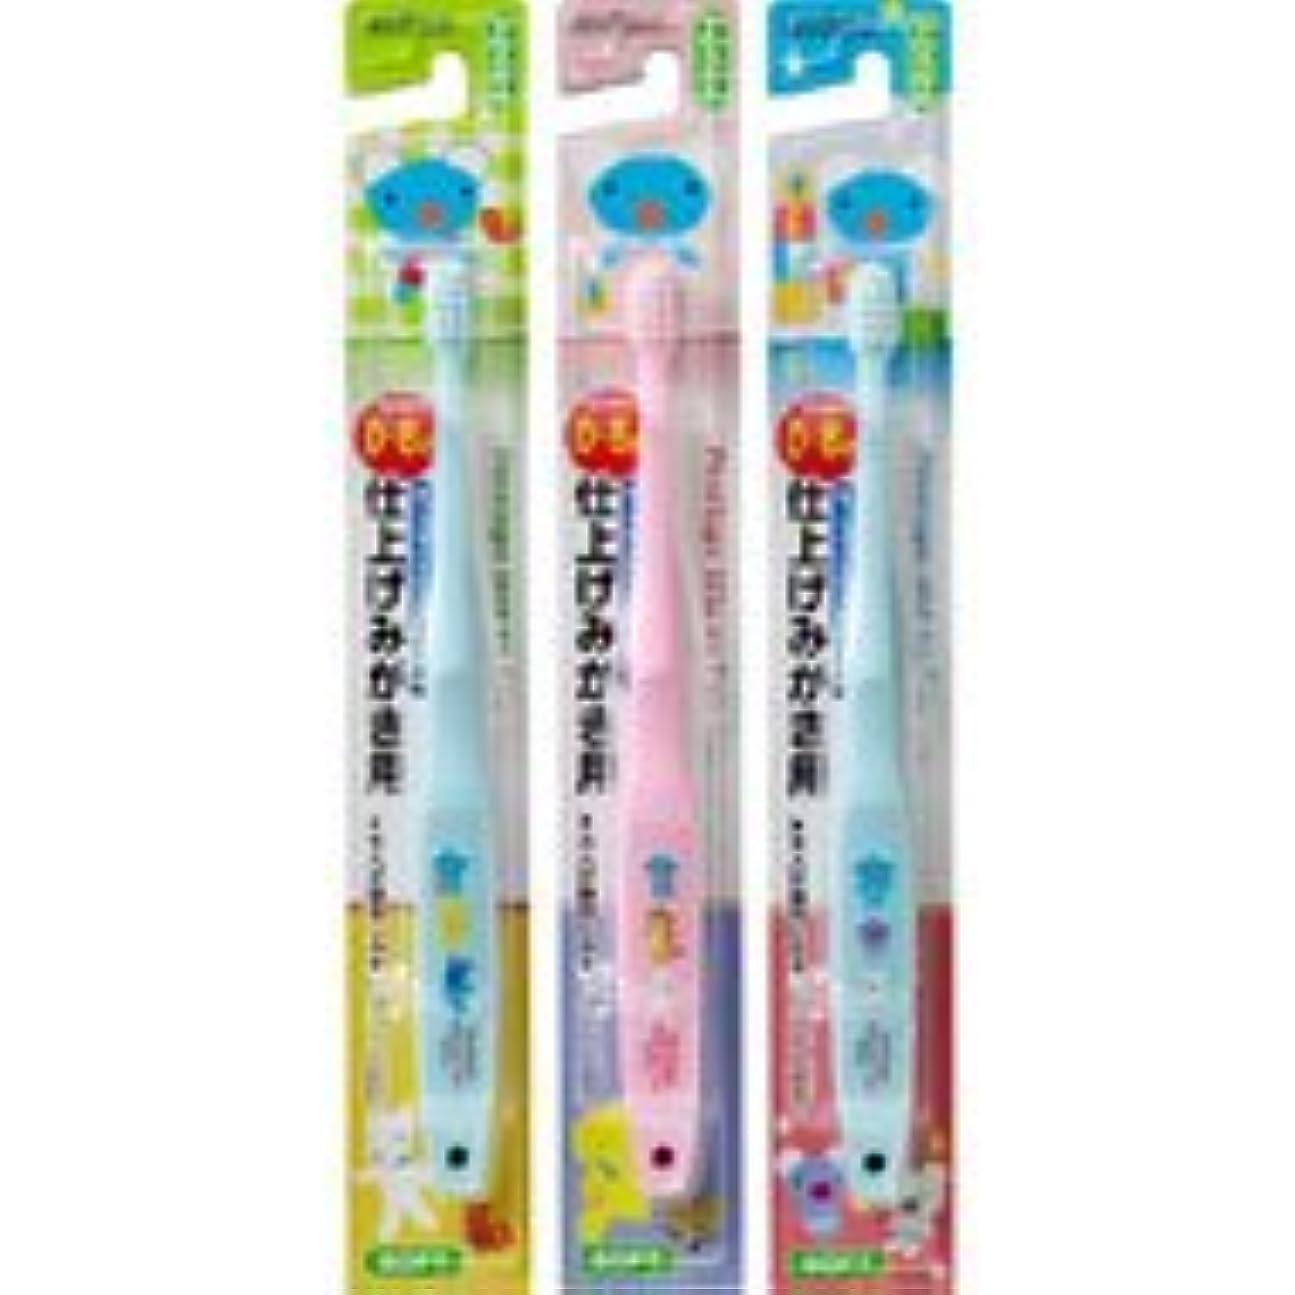 同僚予備クラシックペネロペ仕上げ磨き用歯ブラシ 3本 ※種類は当店お任せとなります